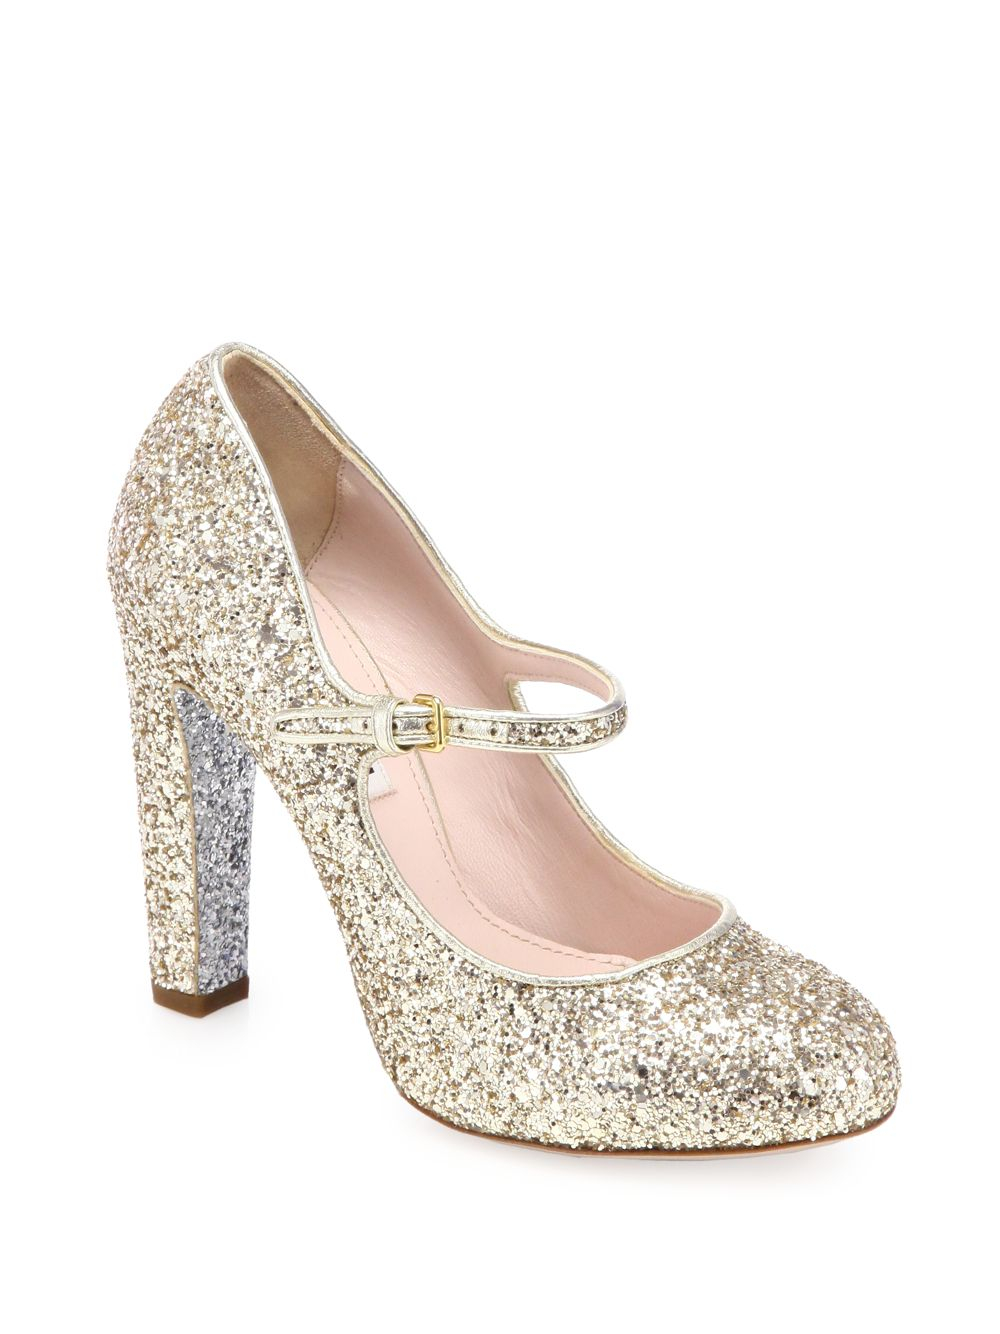 Miu miu Glitter Mary Jane Pumps in Metallic   Lyst